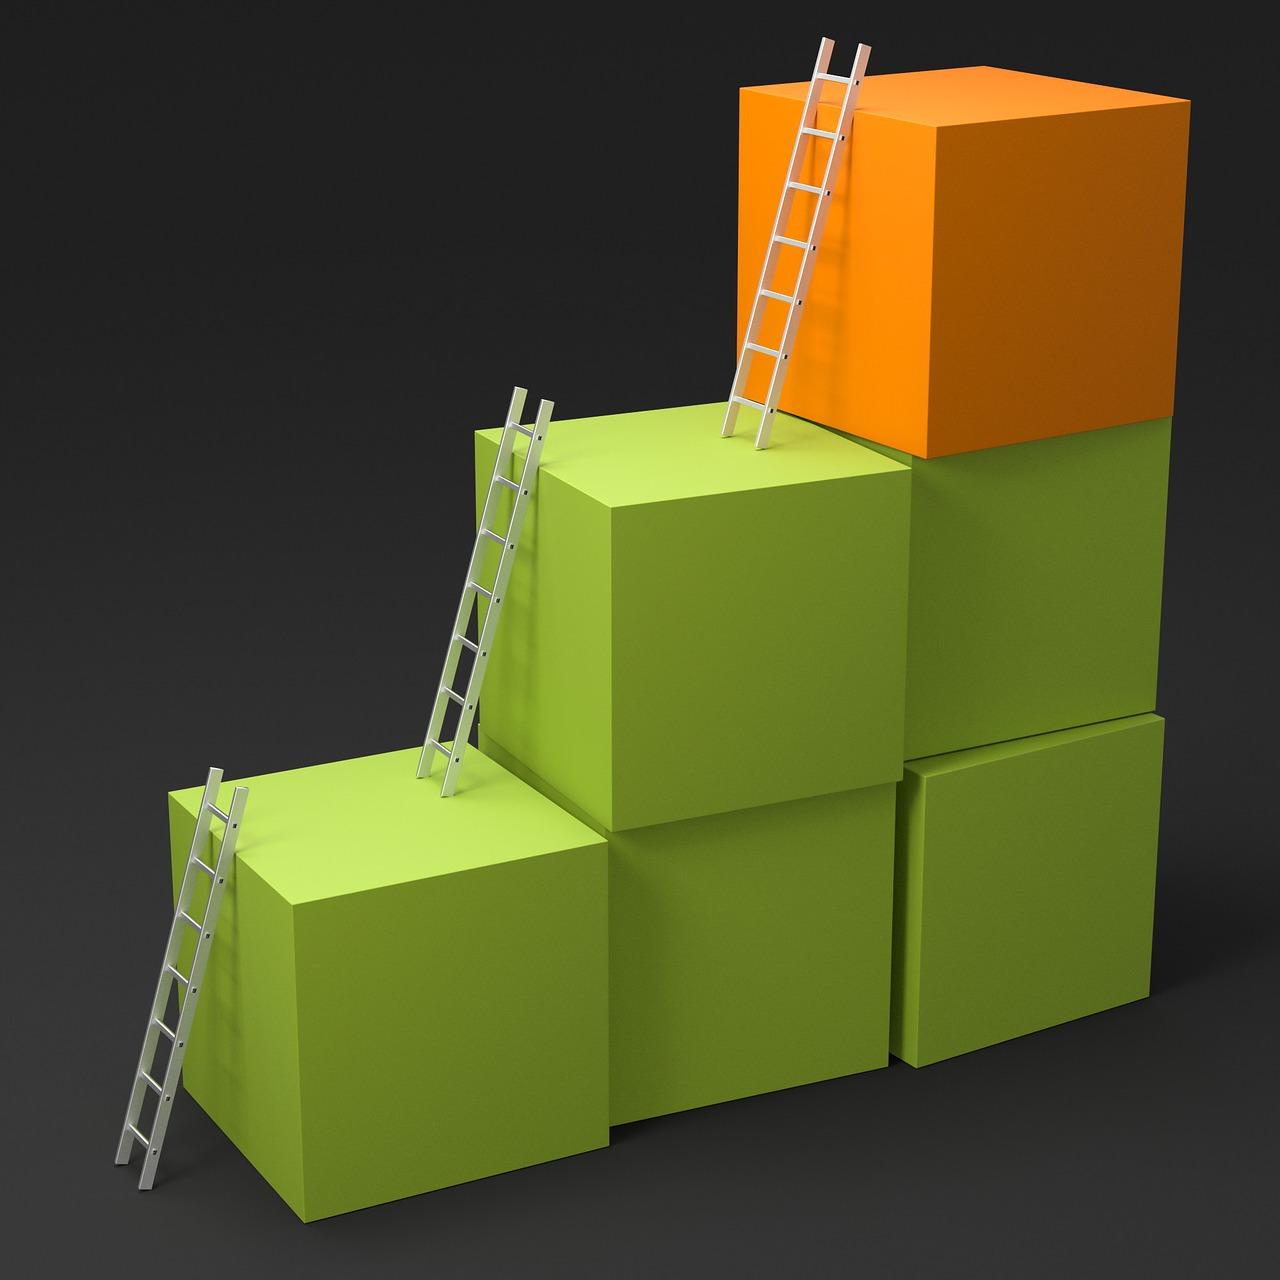 Melhorias no Ambiente de Trabalho Ajudam seu Negócio a Crescer. Entenda!